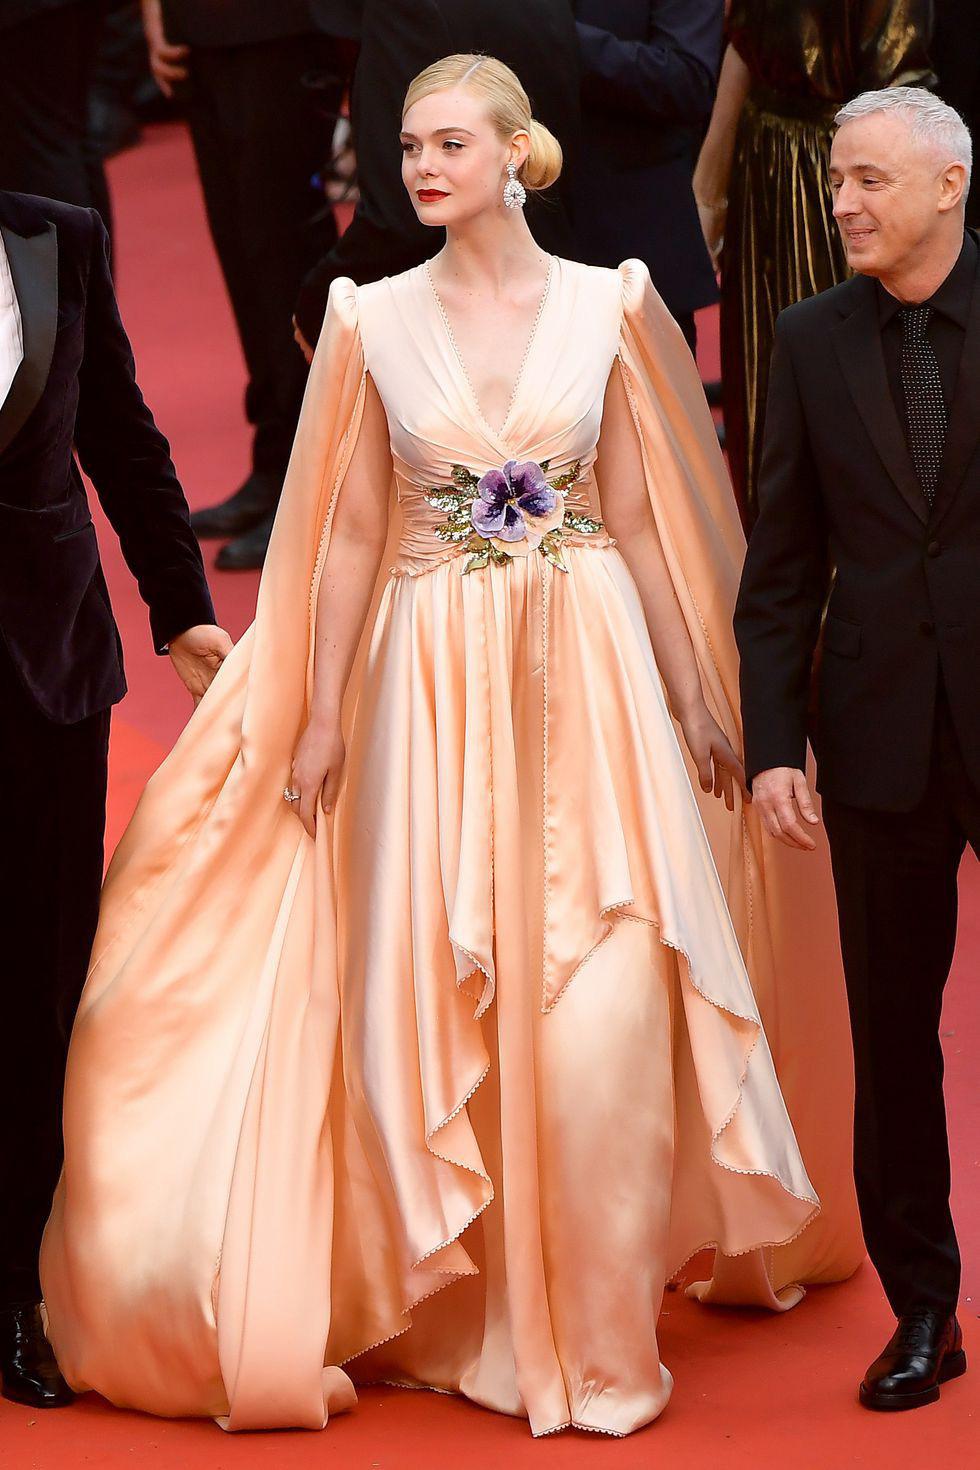 Cannes khai mạc với zombie, chính trị và bình đẳng giới - Ảnh 6.